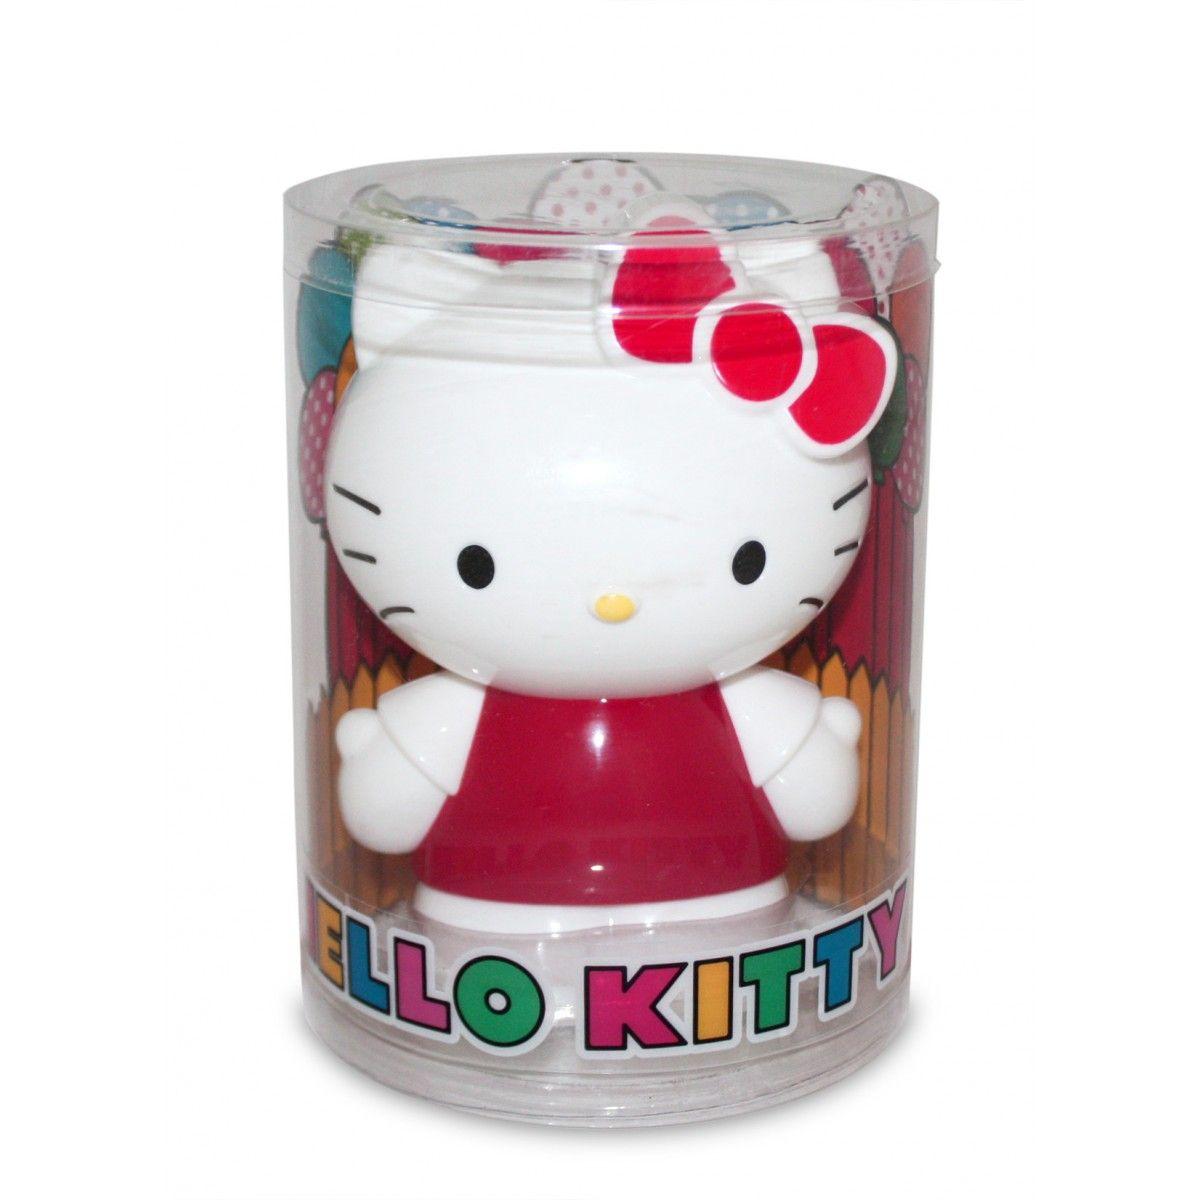 Paleta de cosmeticos Hello Kitty 3D